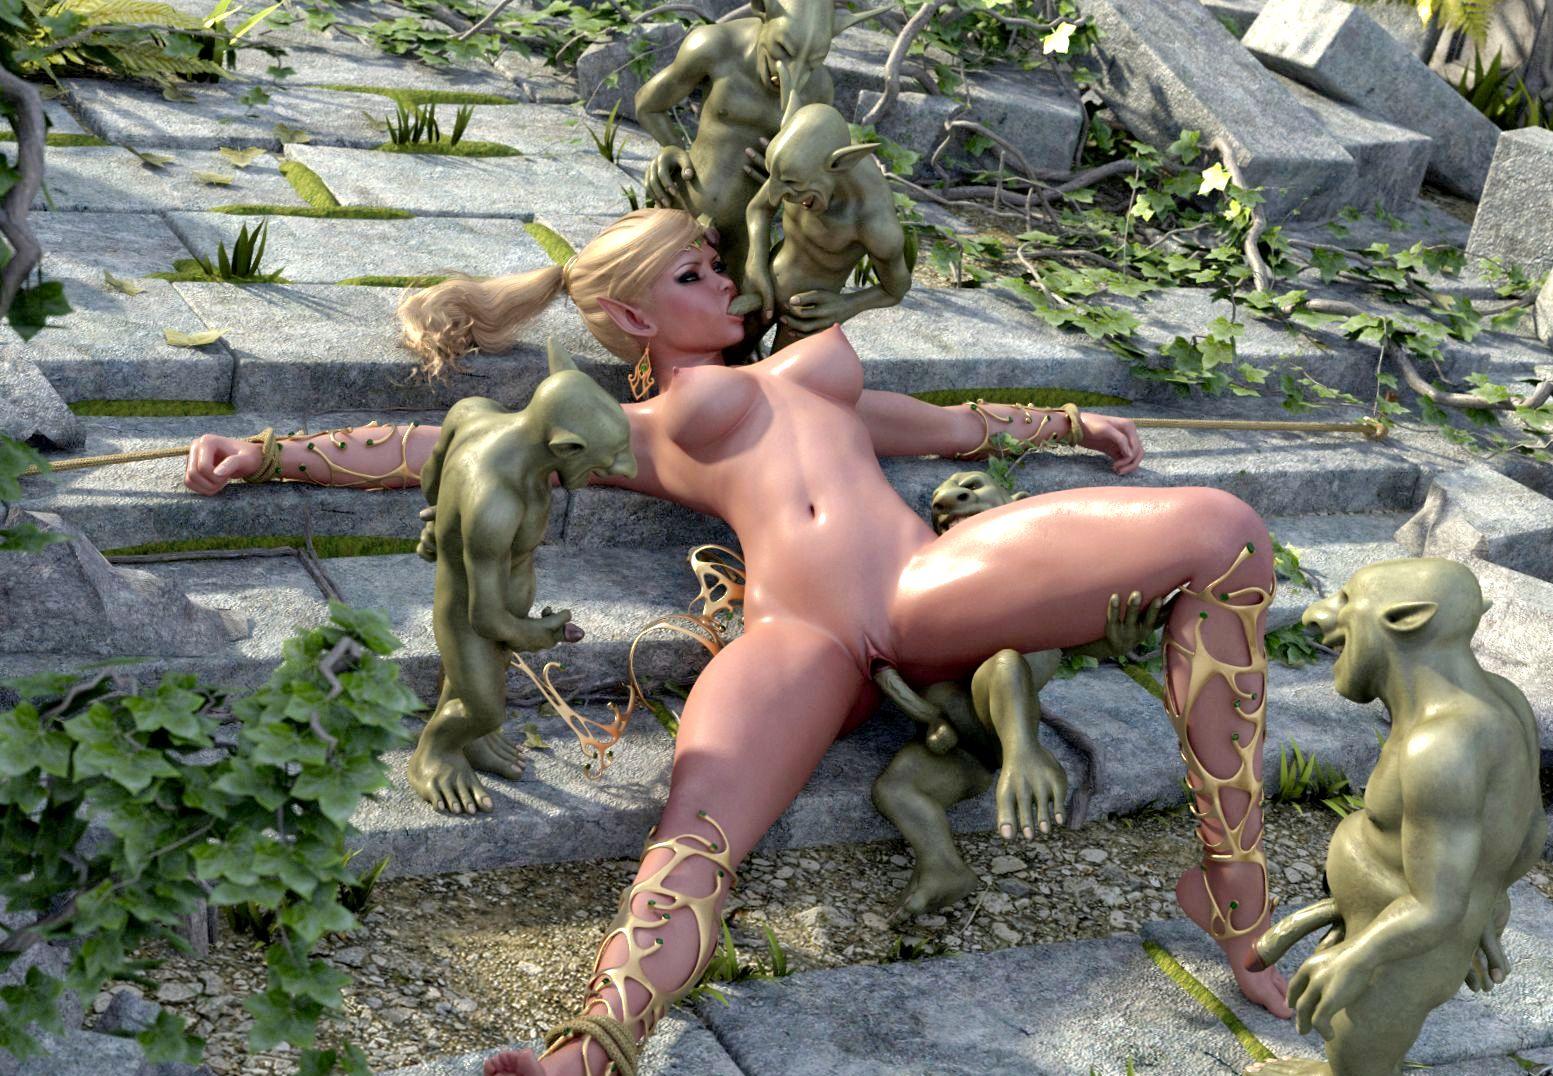 Смотреть аниме порно с гоблинами онлайн 16 фотография